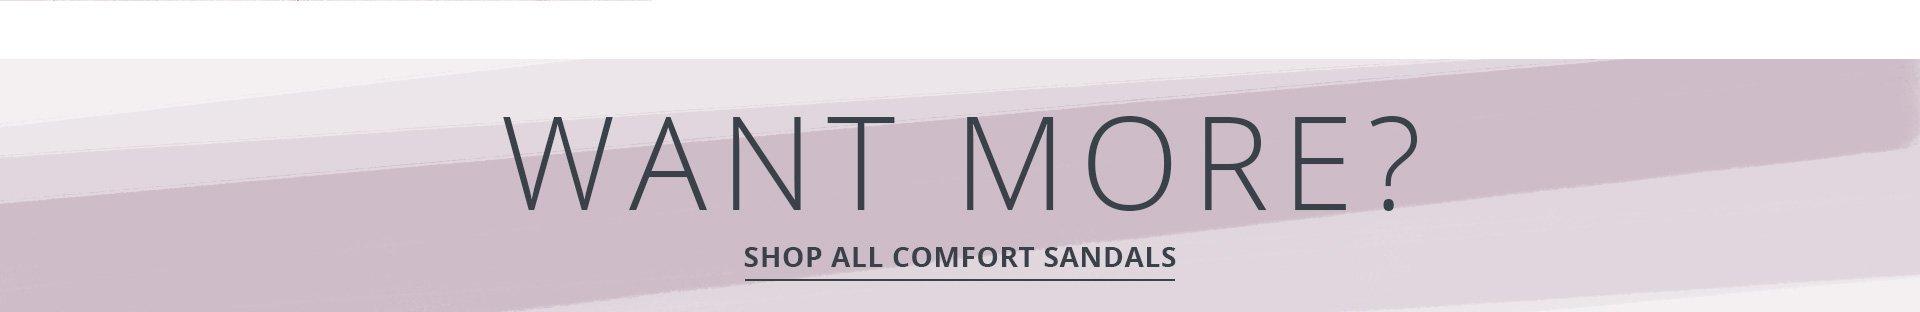 Shop All Comfort Sandals